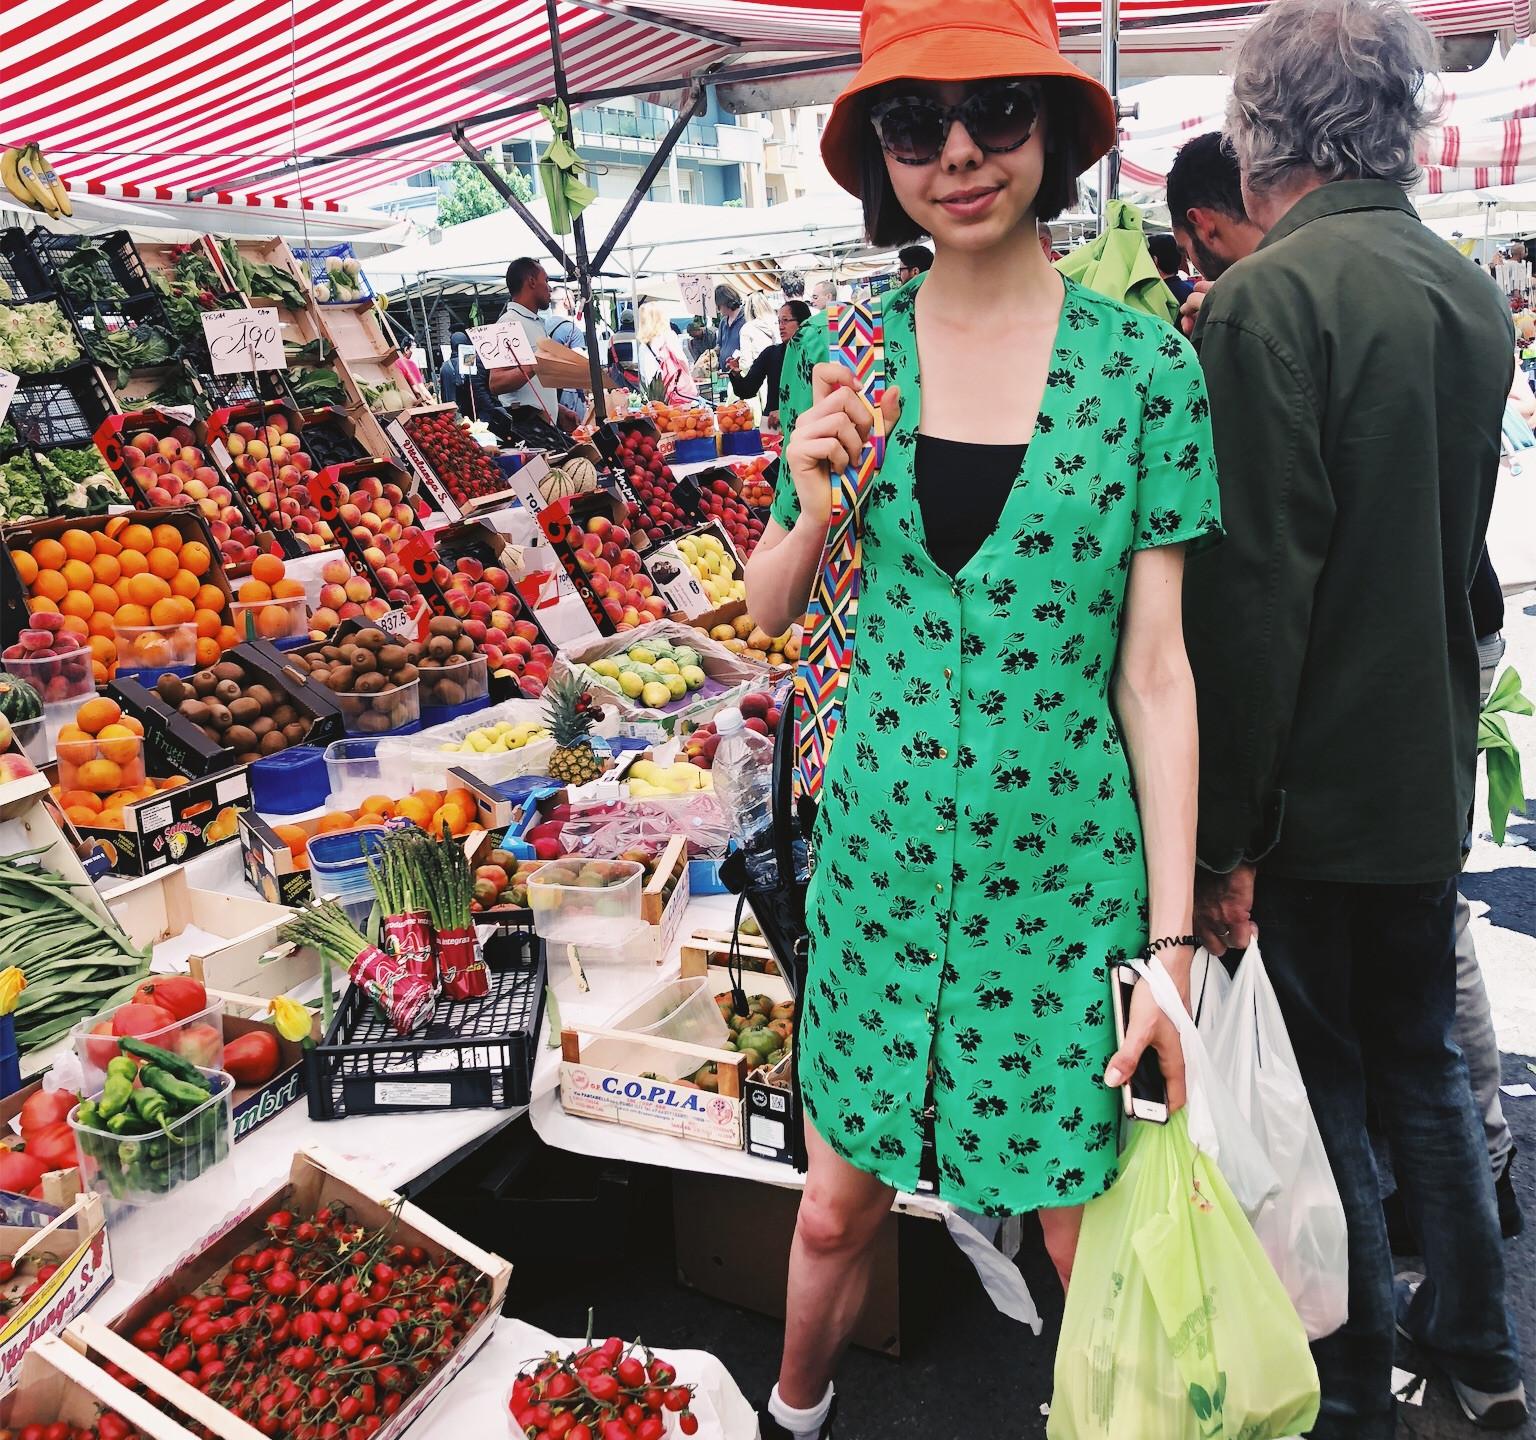 Viale Papiniano Farmers Market